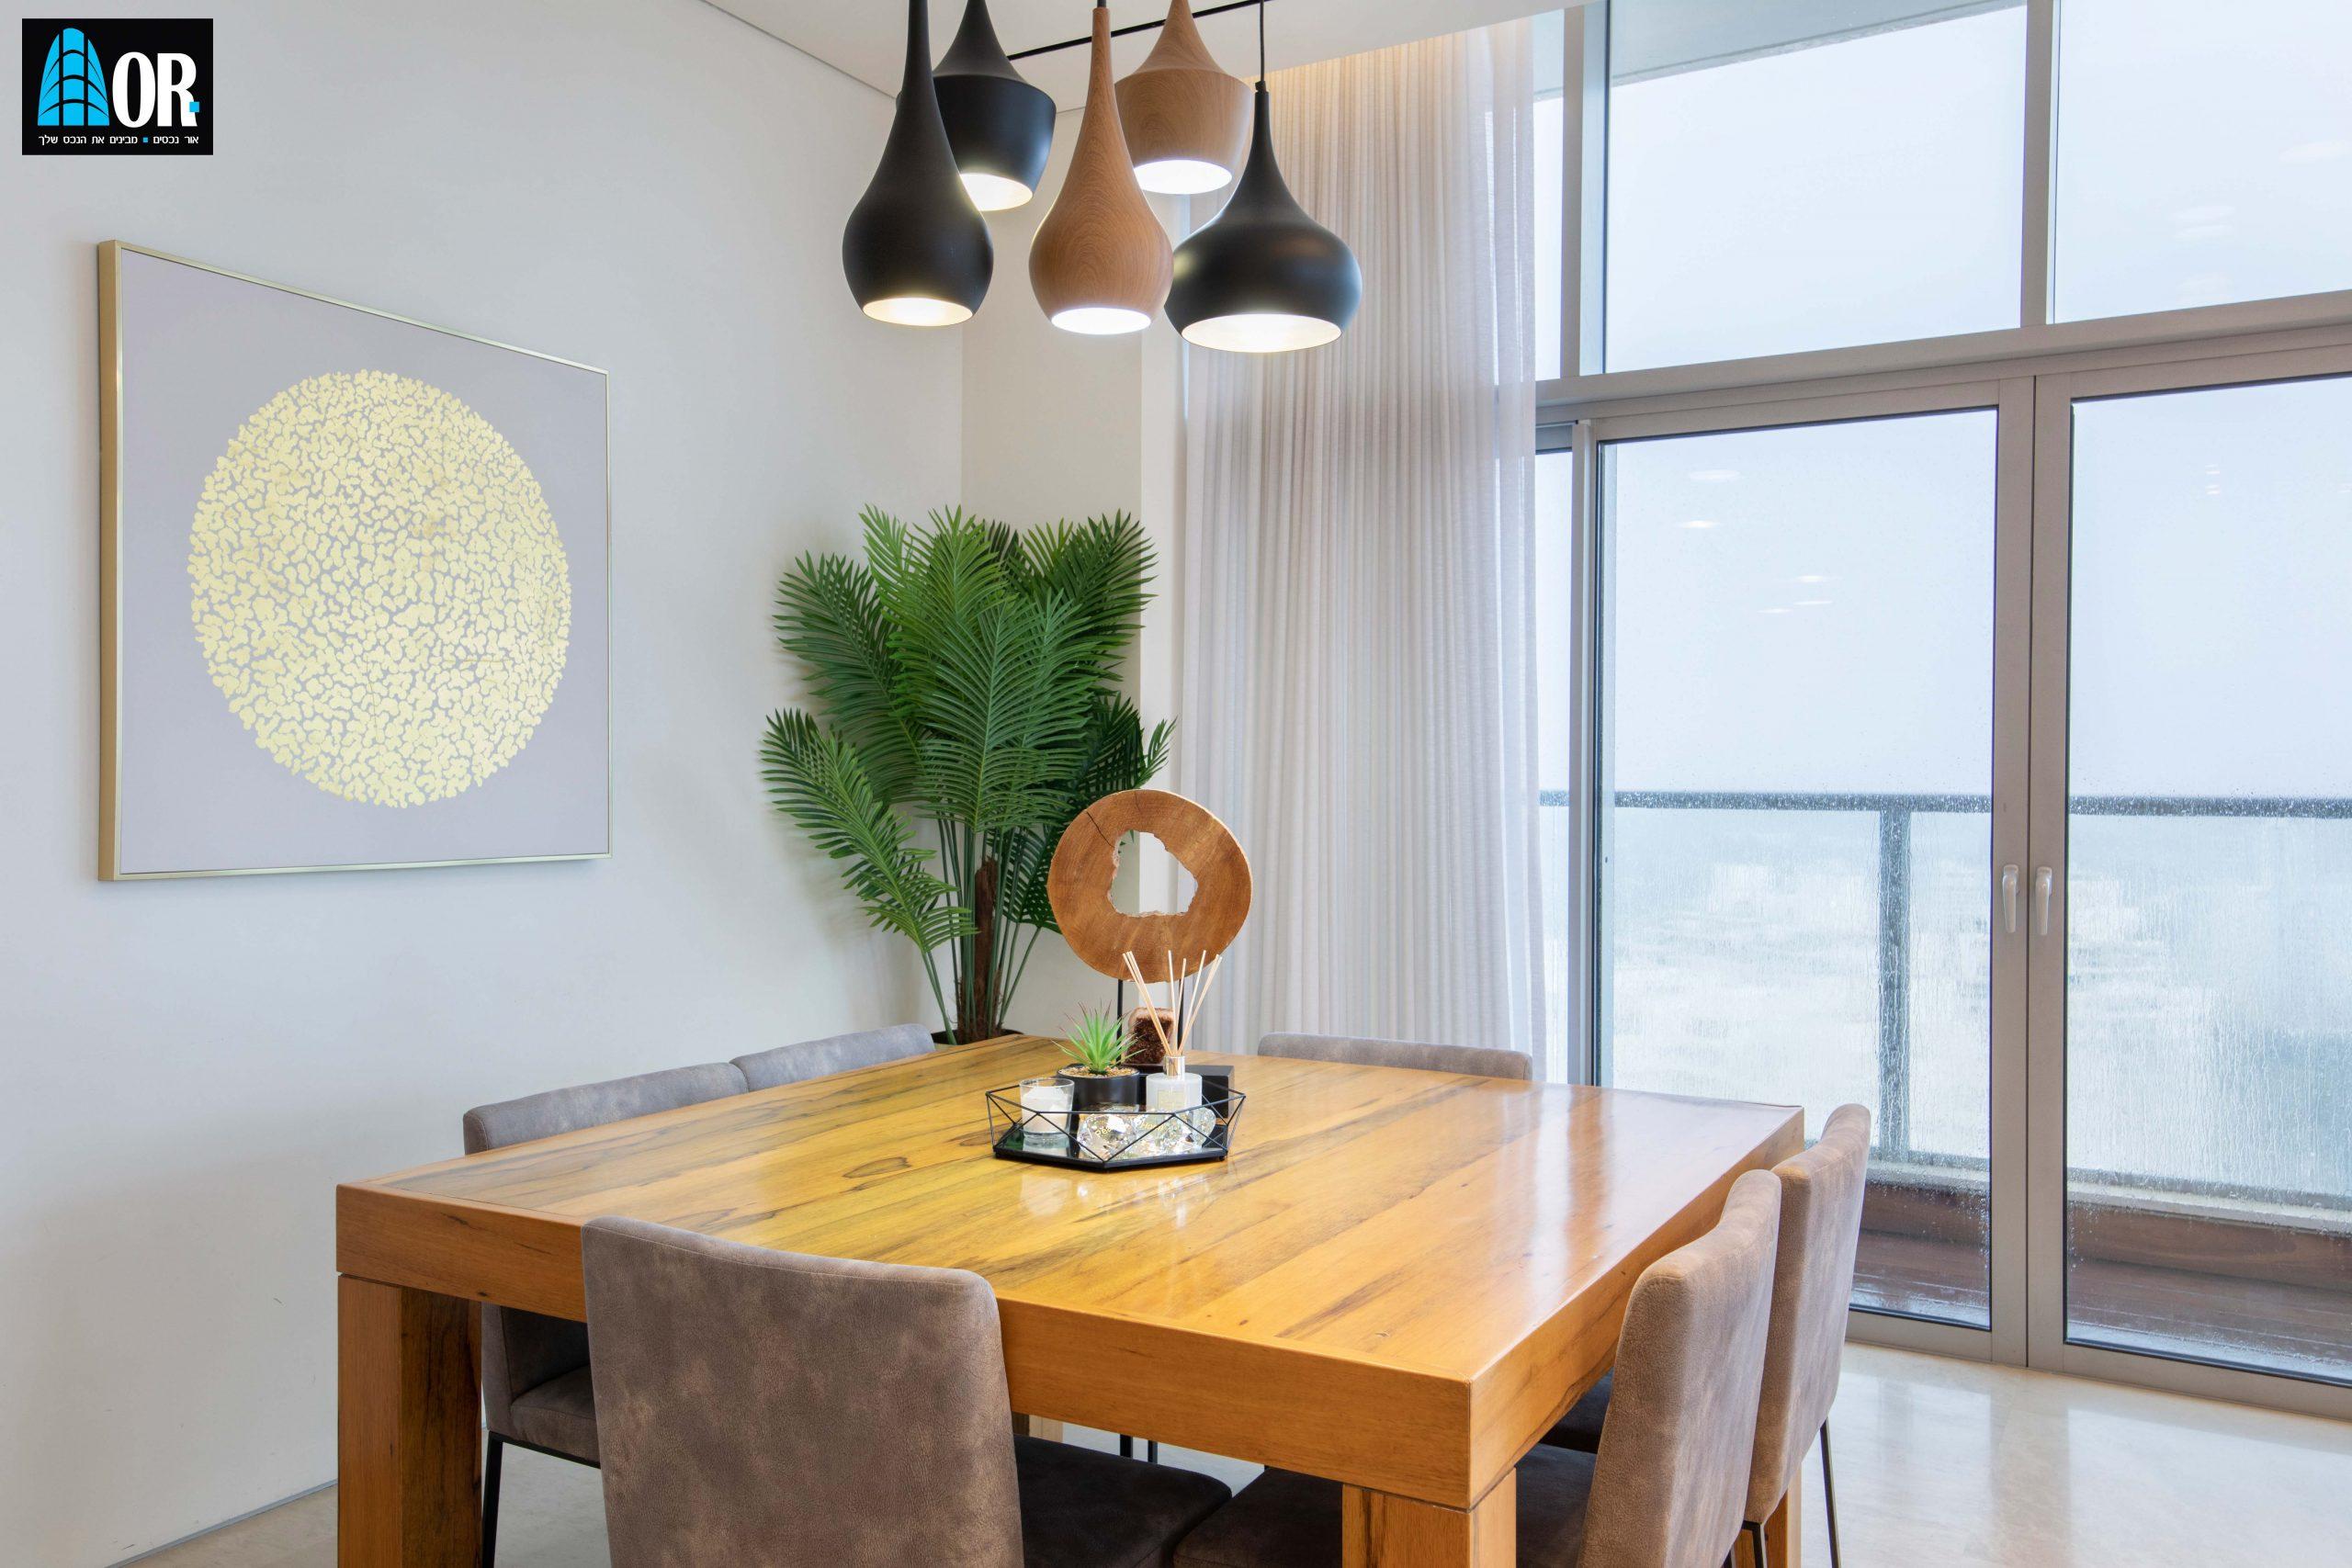 פינת אוכל פנטהאוז 6 חדרים שכונה פארק המושבה